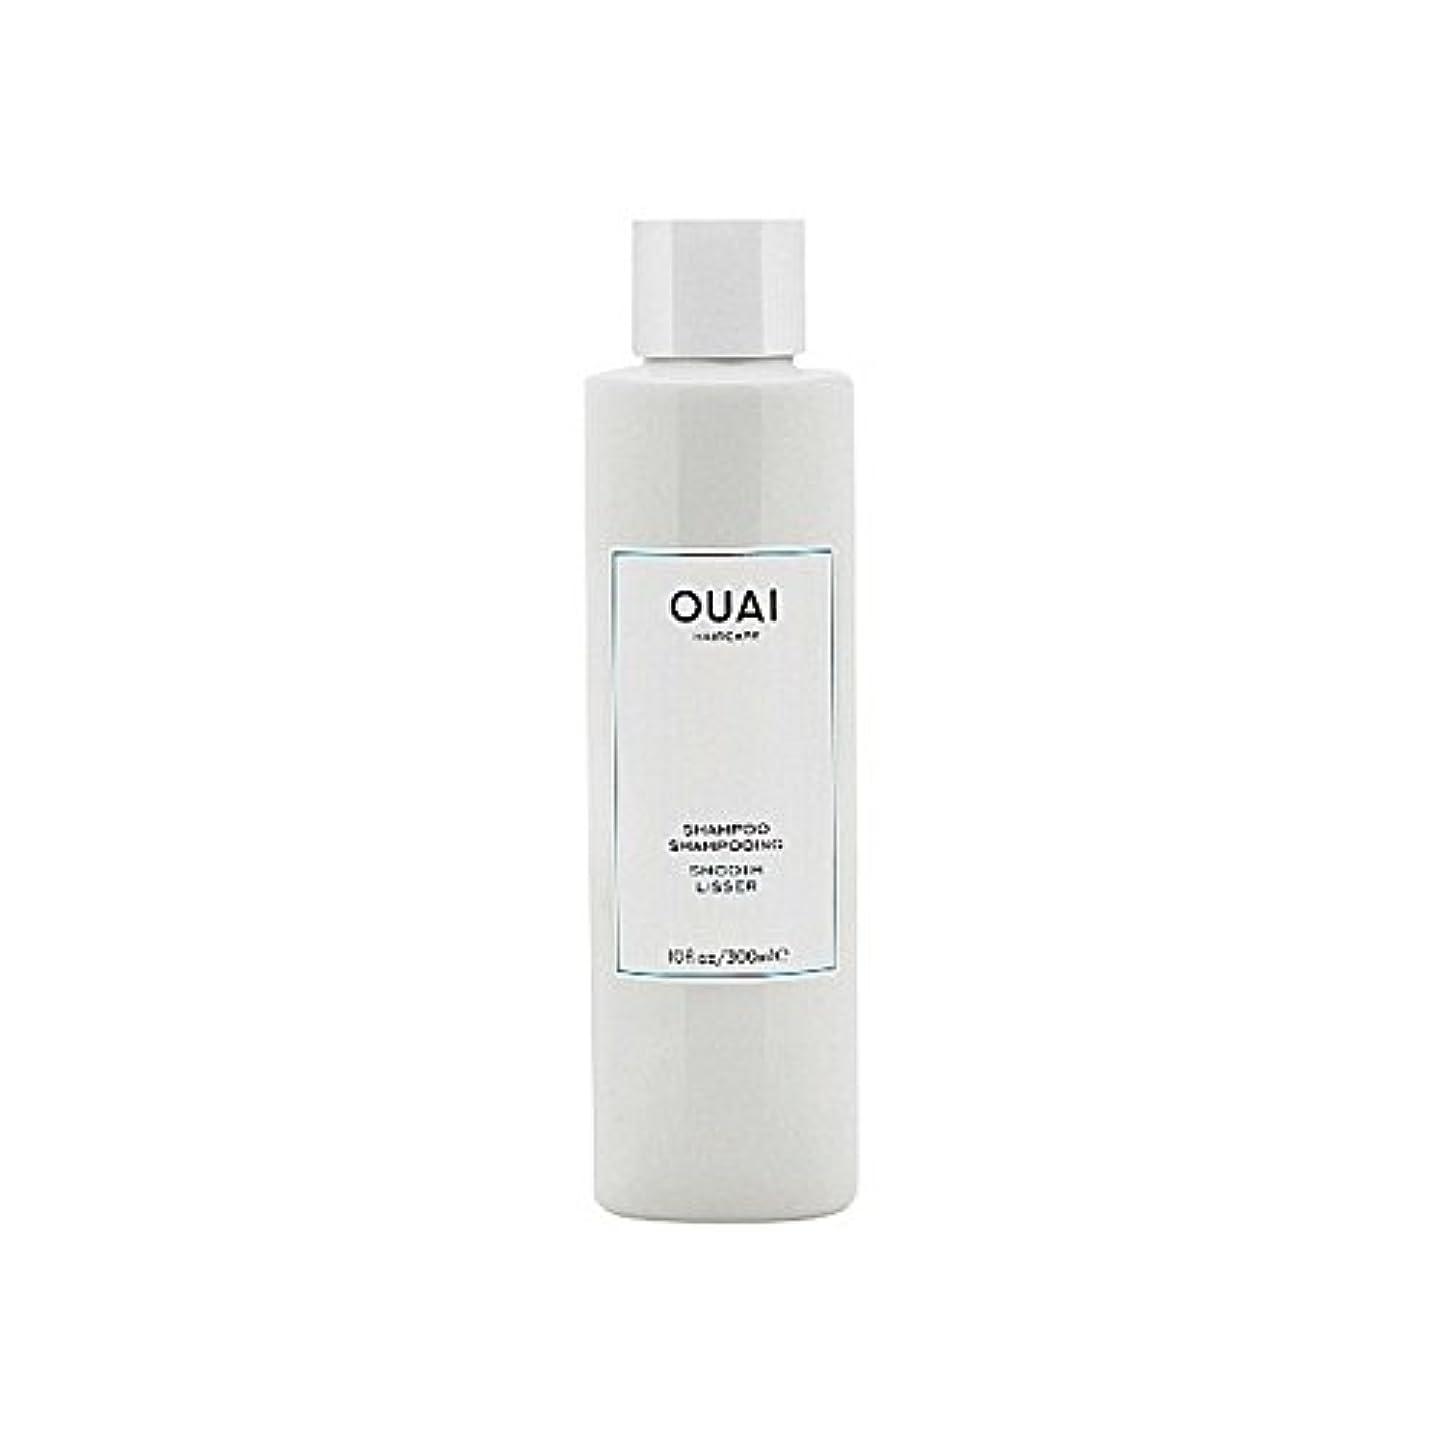 マイルストーンれんが海藻スムーズなシャンプー300ミリリットル x2 - Ouai Smooth Shampoo 300ml (Pack of 2) [並行輸入品]